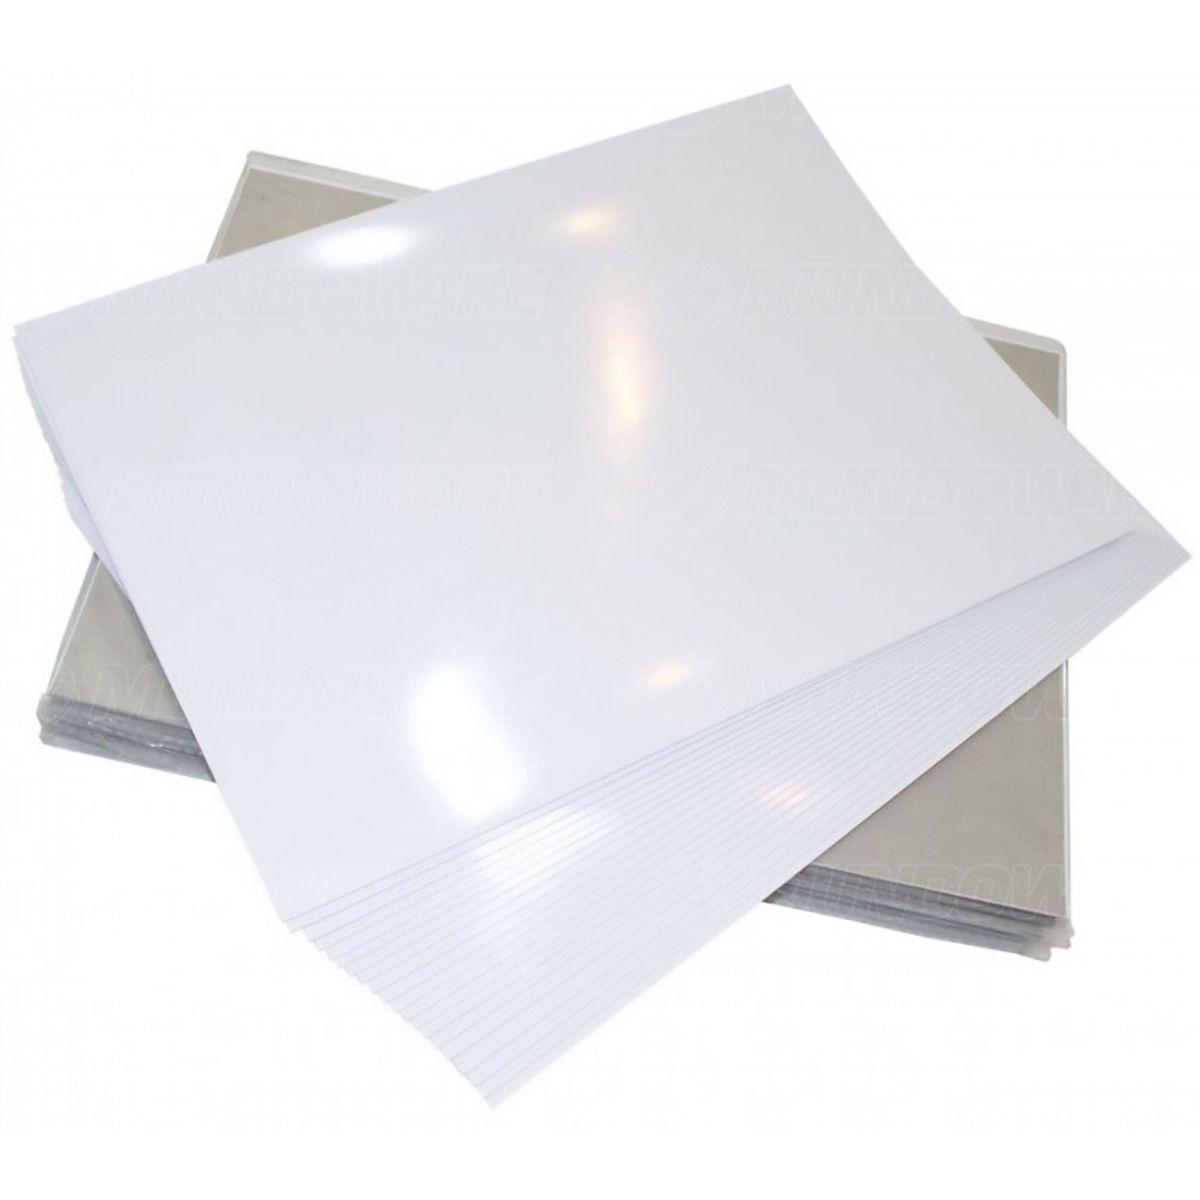 Papel Foto Adesivo 115g A4 Glossy Branco Brilhante Resistente à Água / 200 folhas